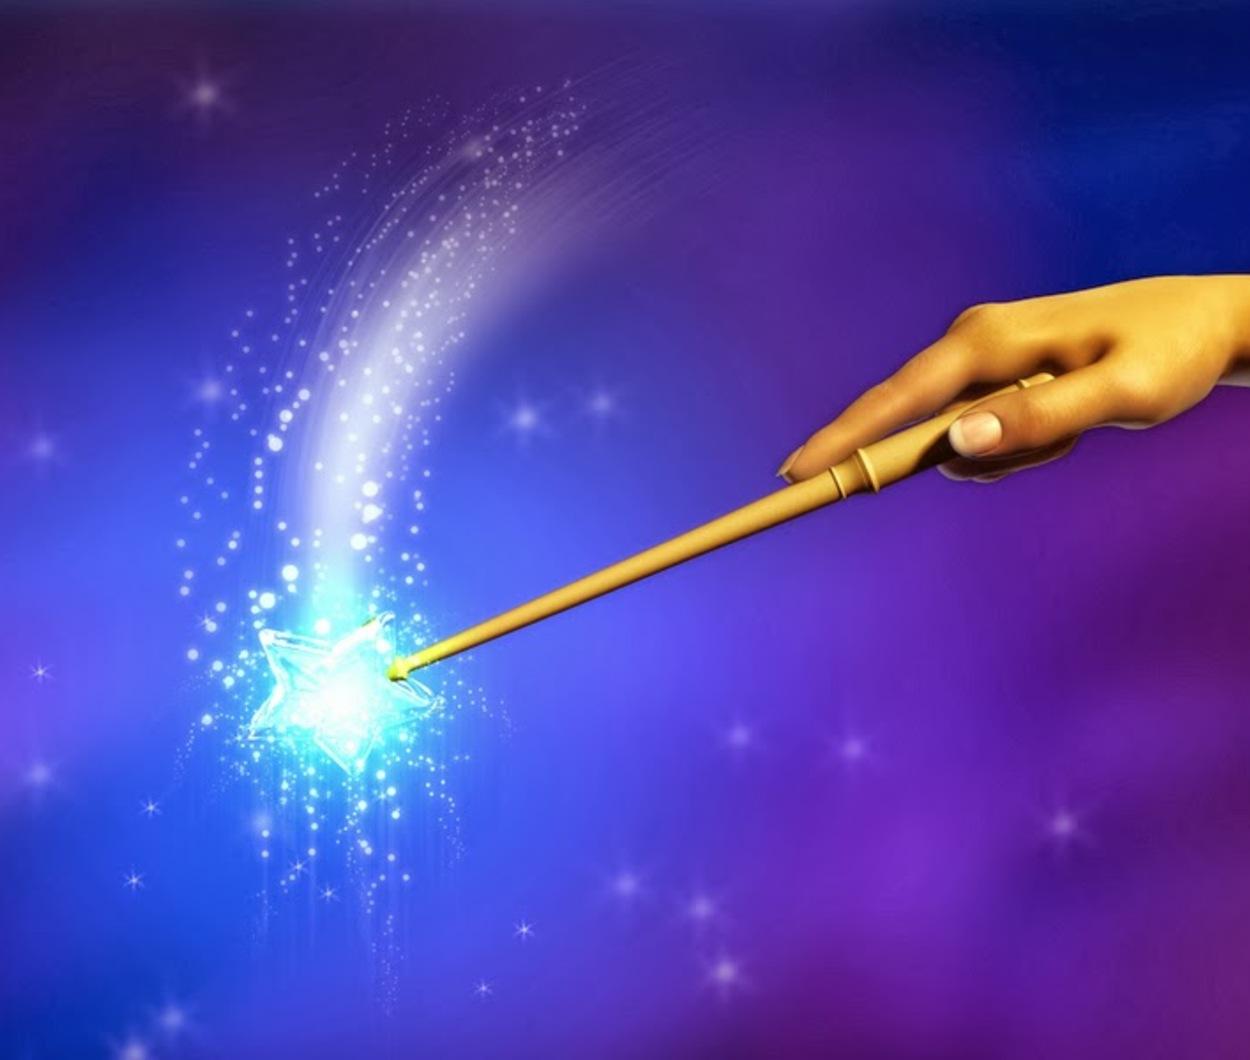 Как сделать волшебную палочку на улице